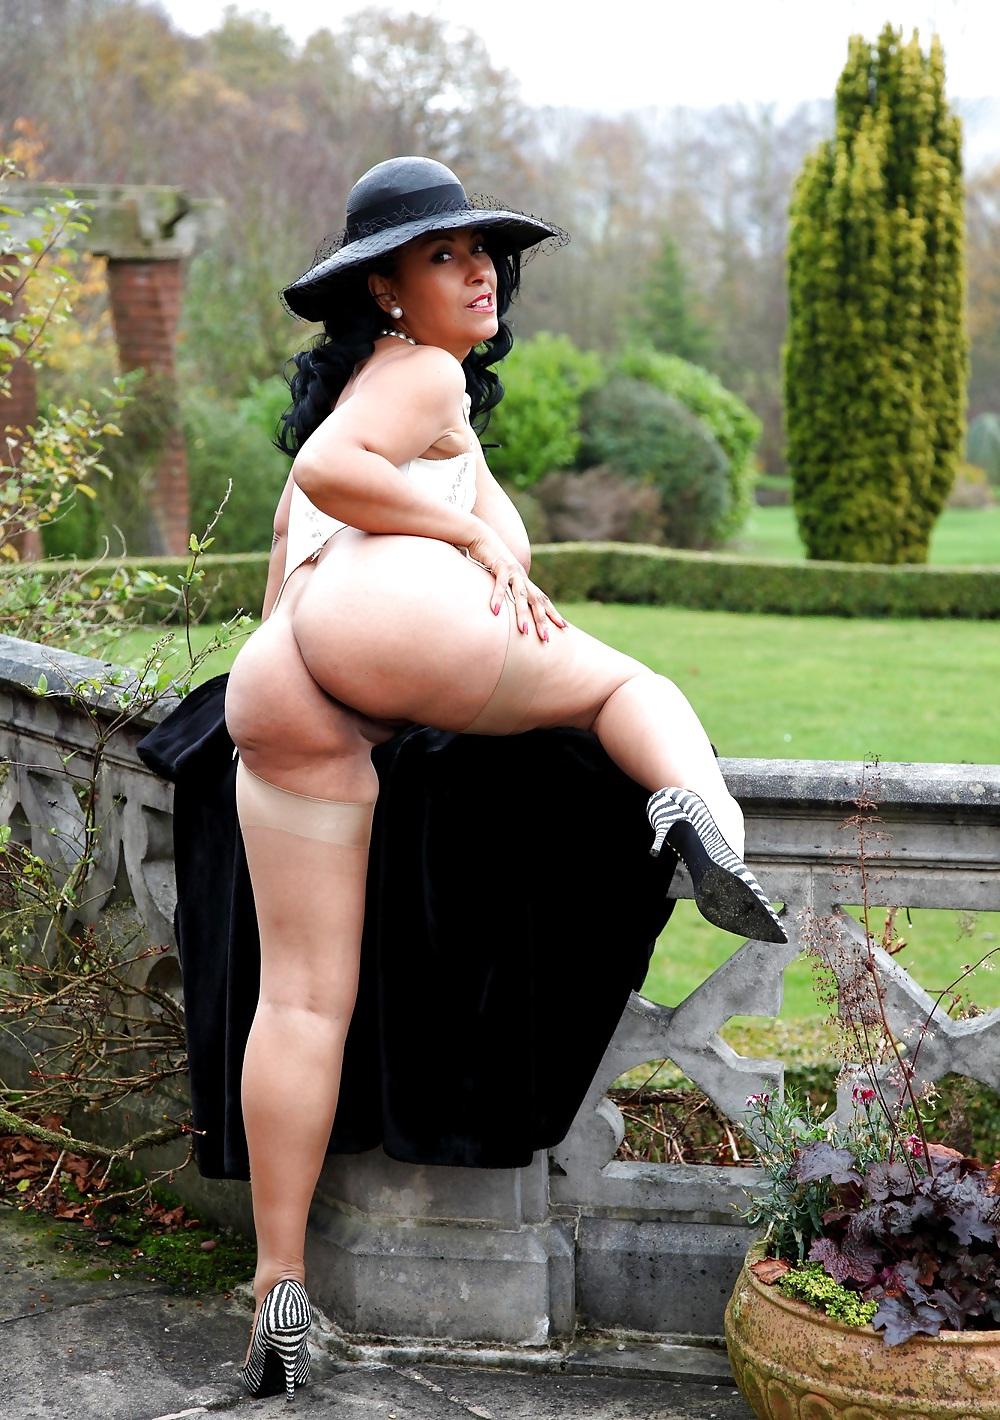 Домашний солидные тетки фото эротика жестко выебали реальное